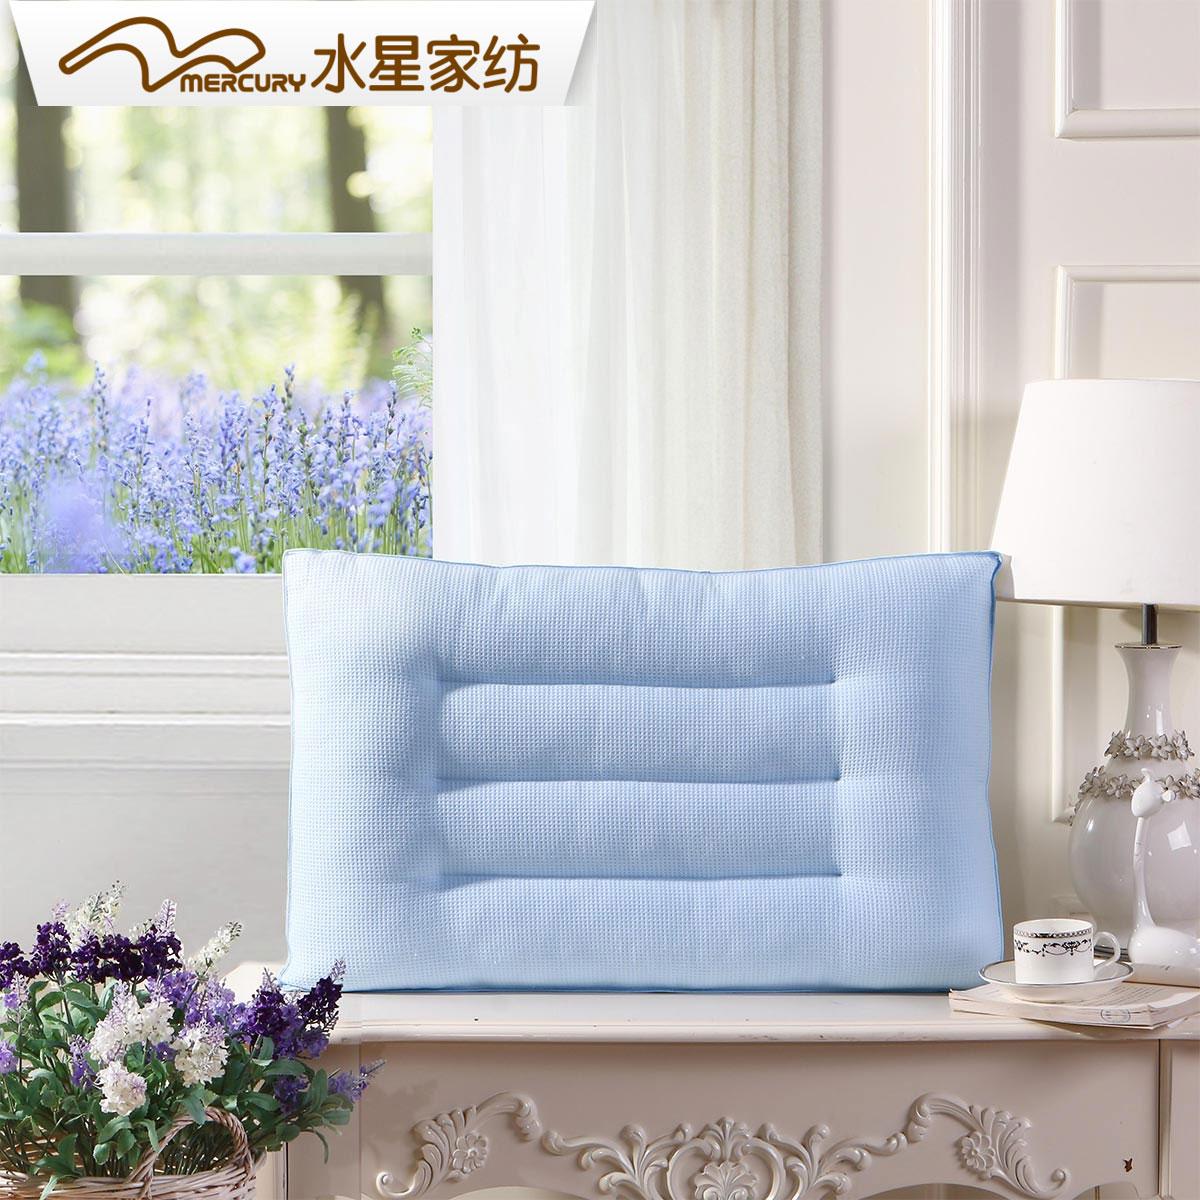 水星家纺熏衣草枕正品单人装香薰立体枕家用成人枕芯枕头华夫格